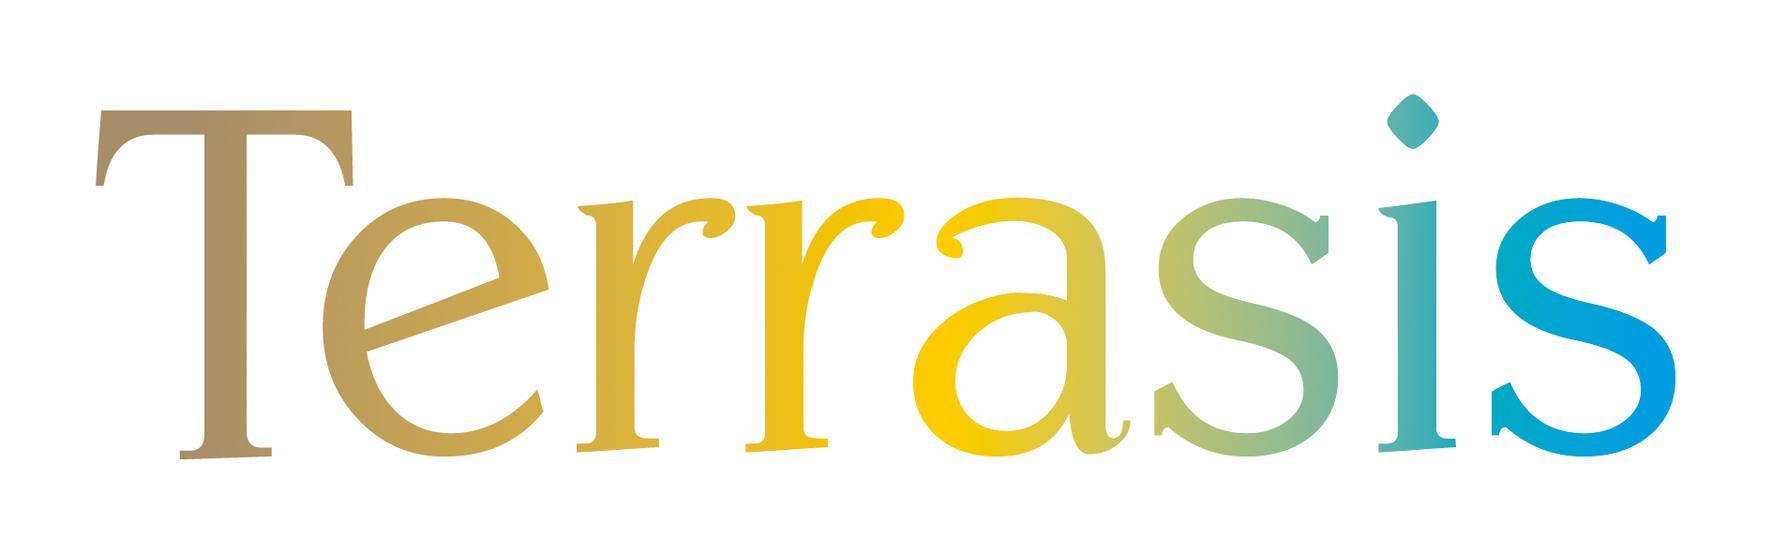 Terrasis